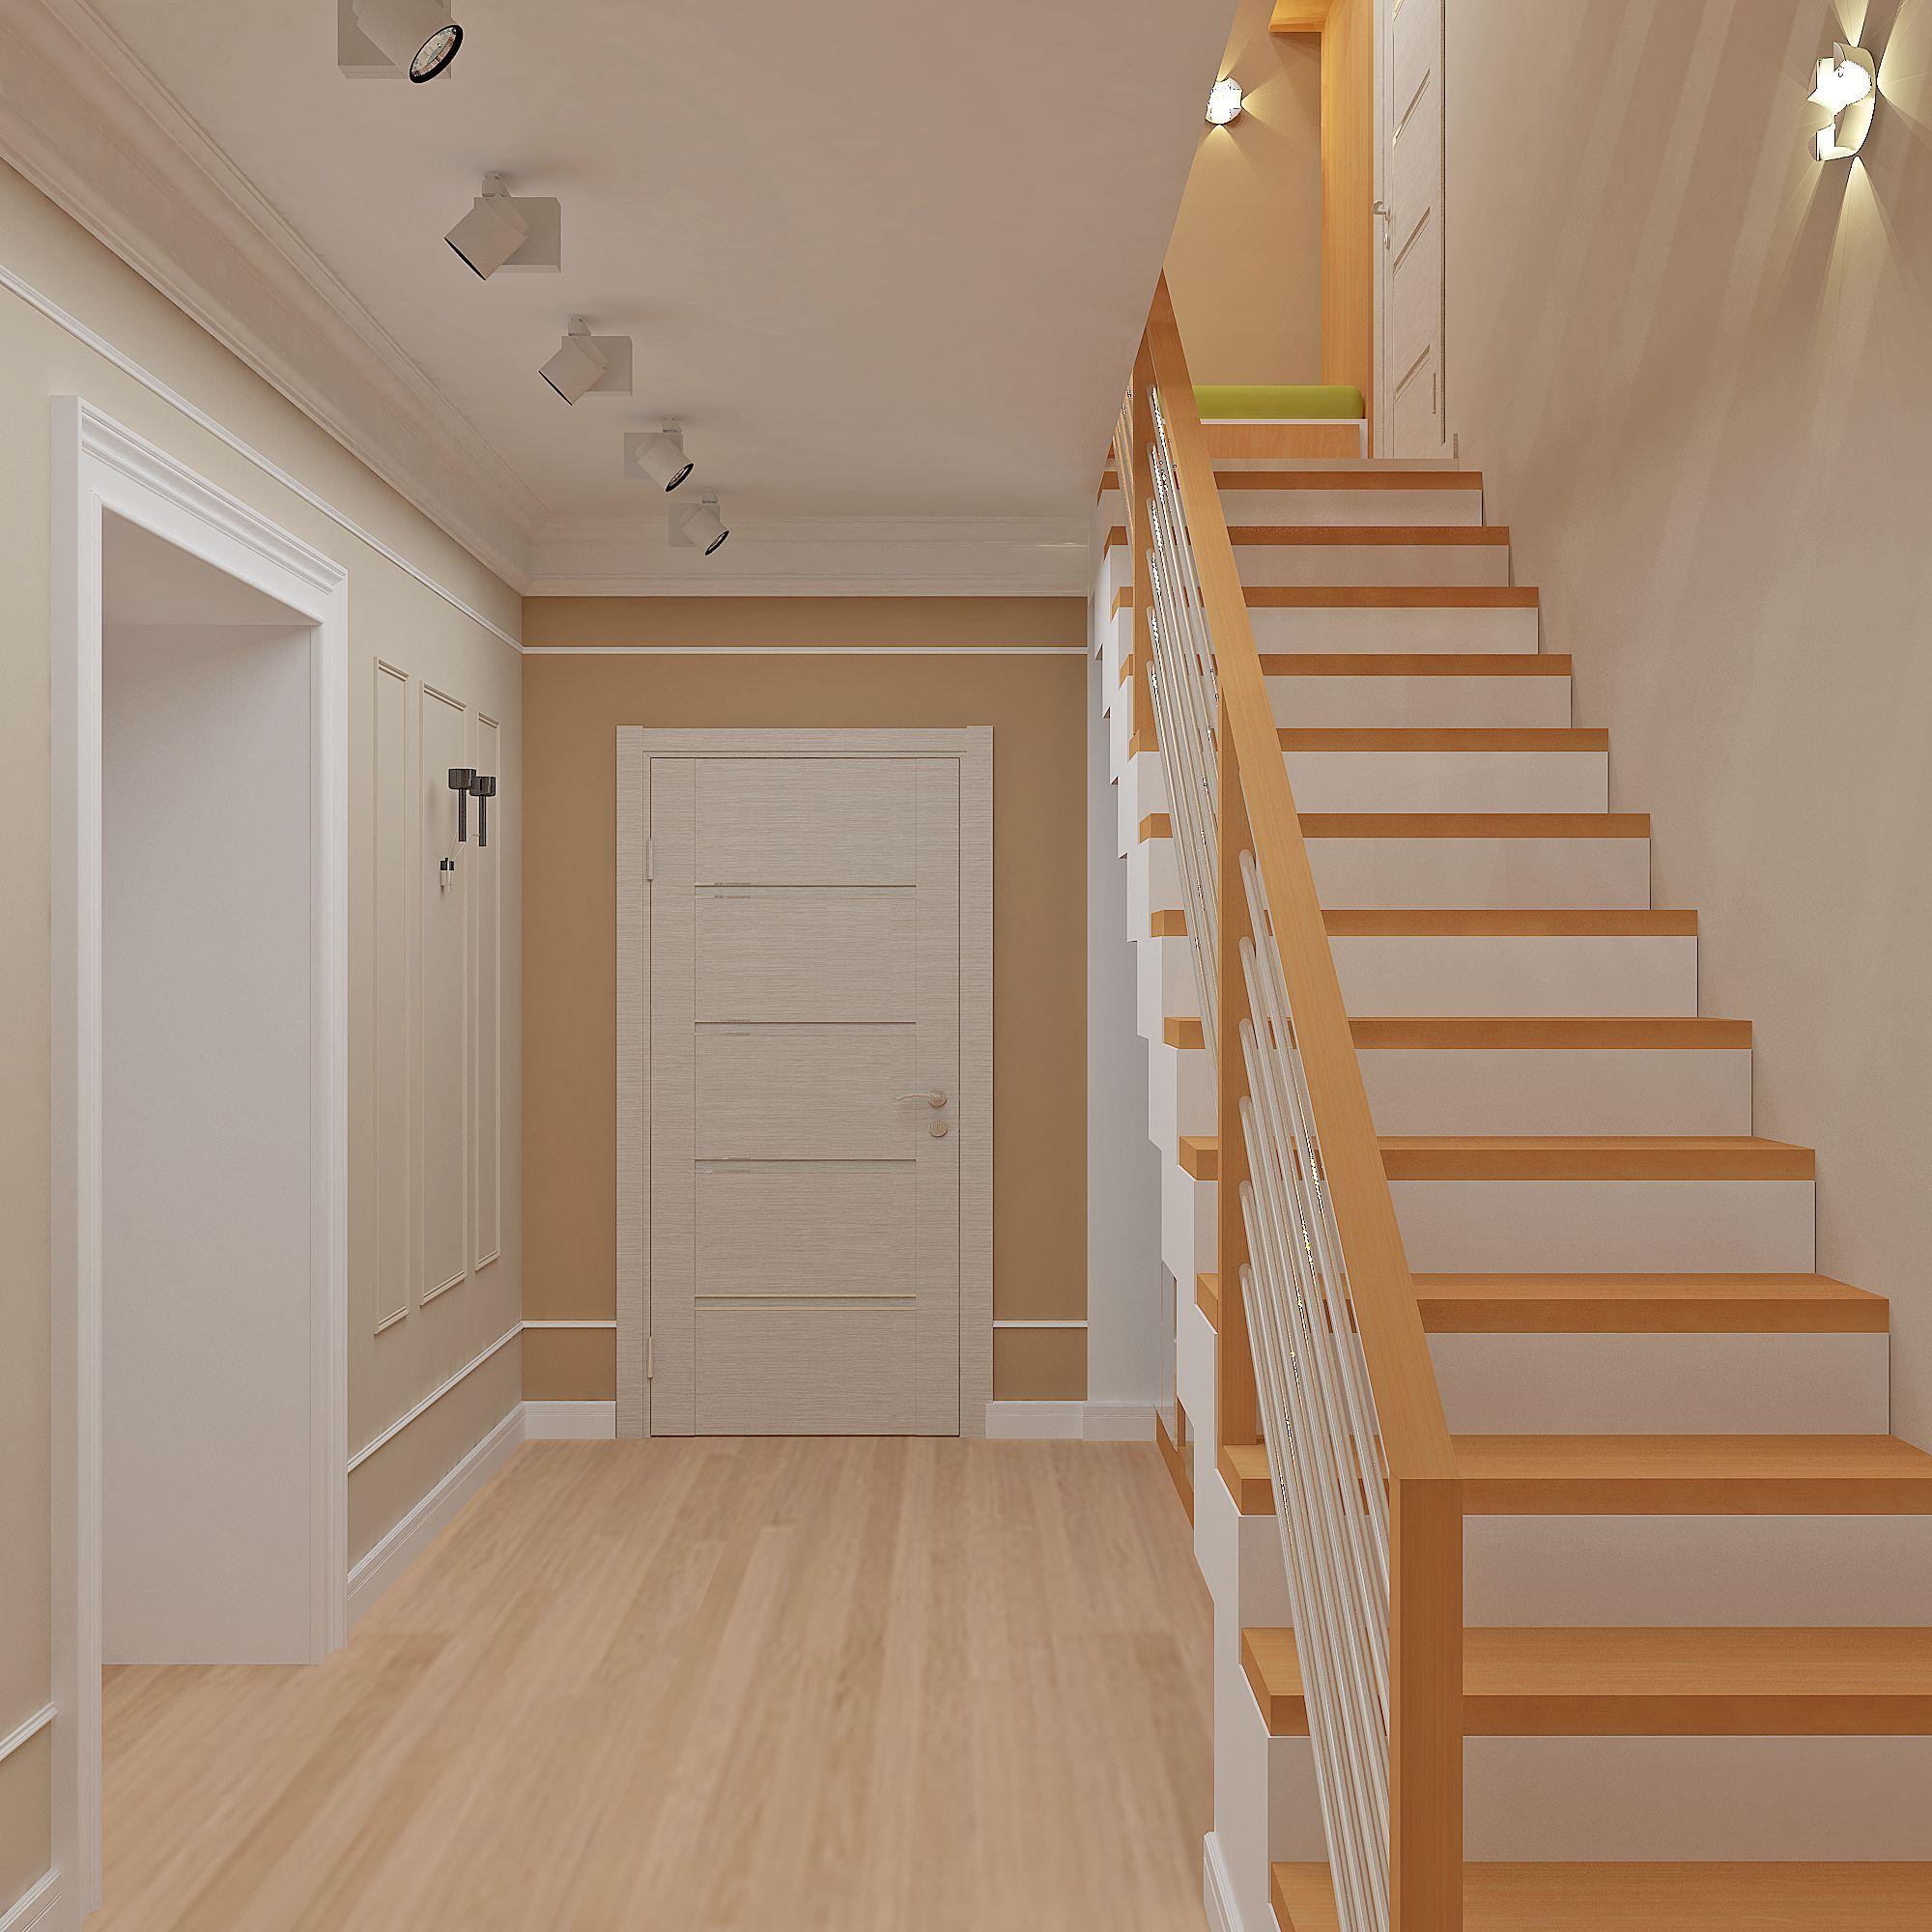 Дизайн фото холла с лестницей на второй этаж в частном доме